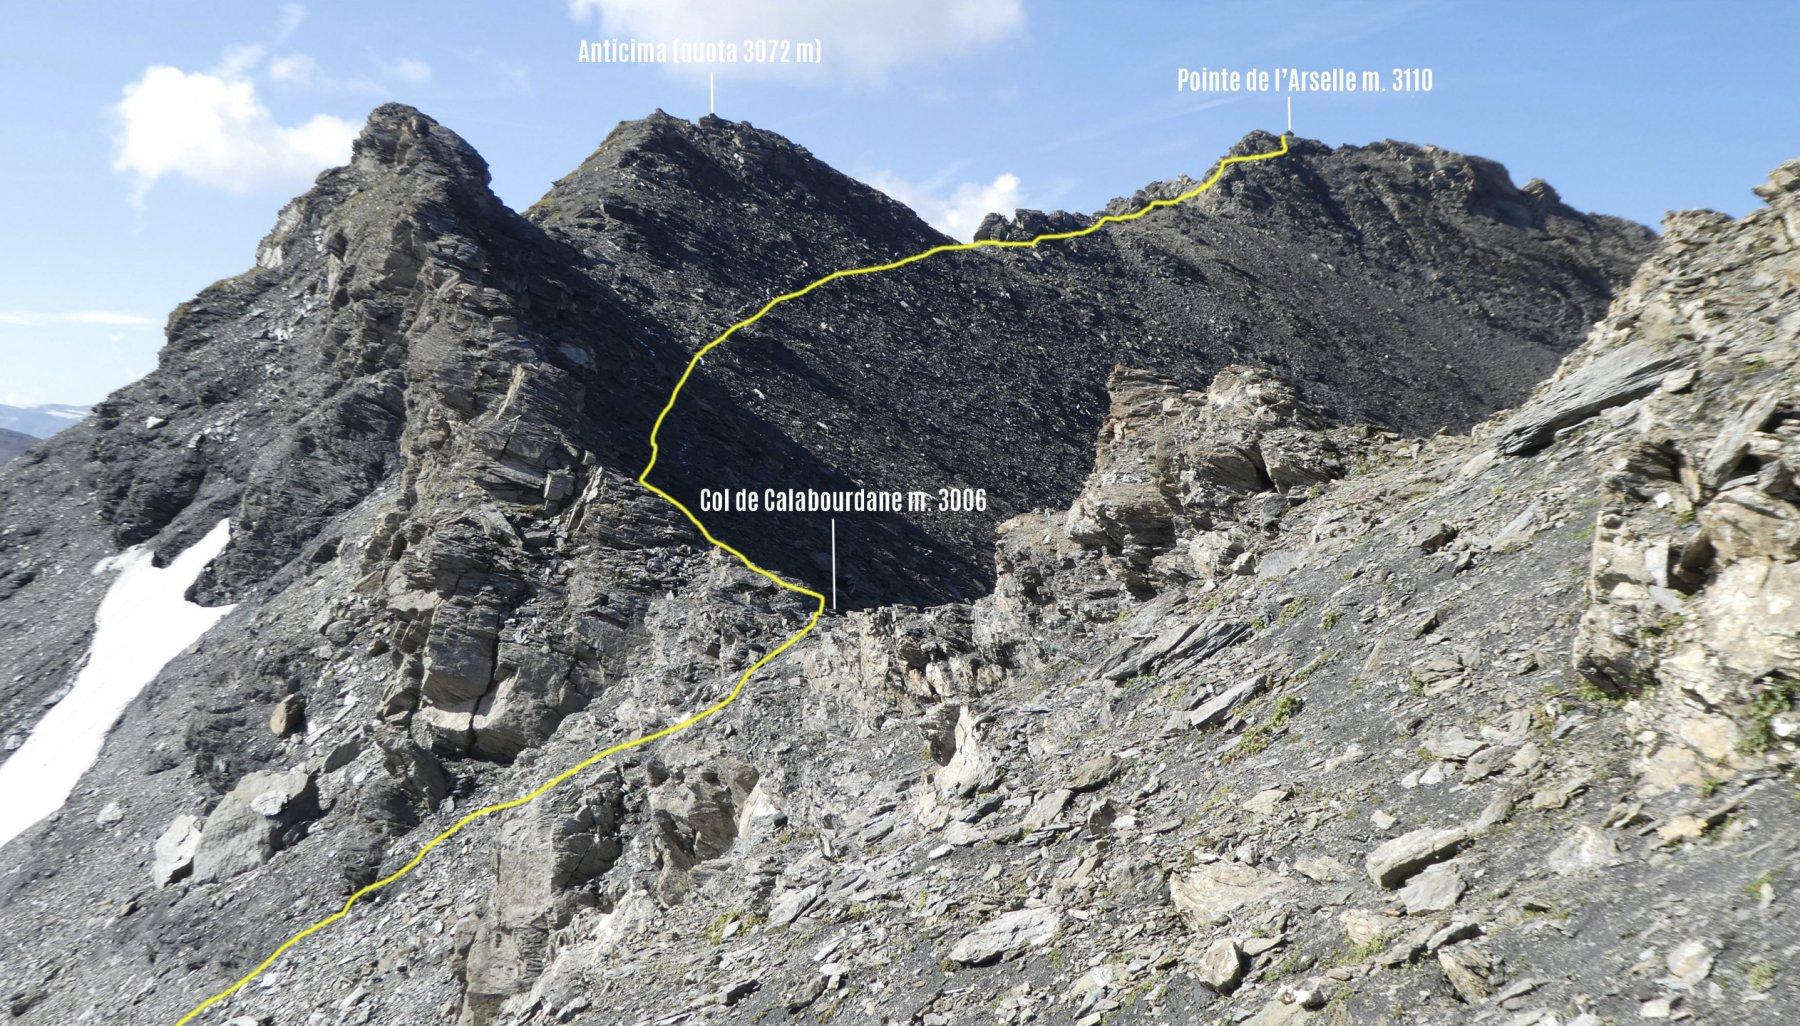 la parte alta dell'itinerario di salita visto dal Col de Calabourdane